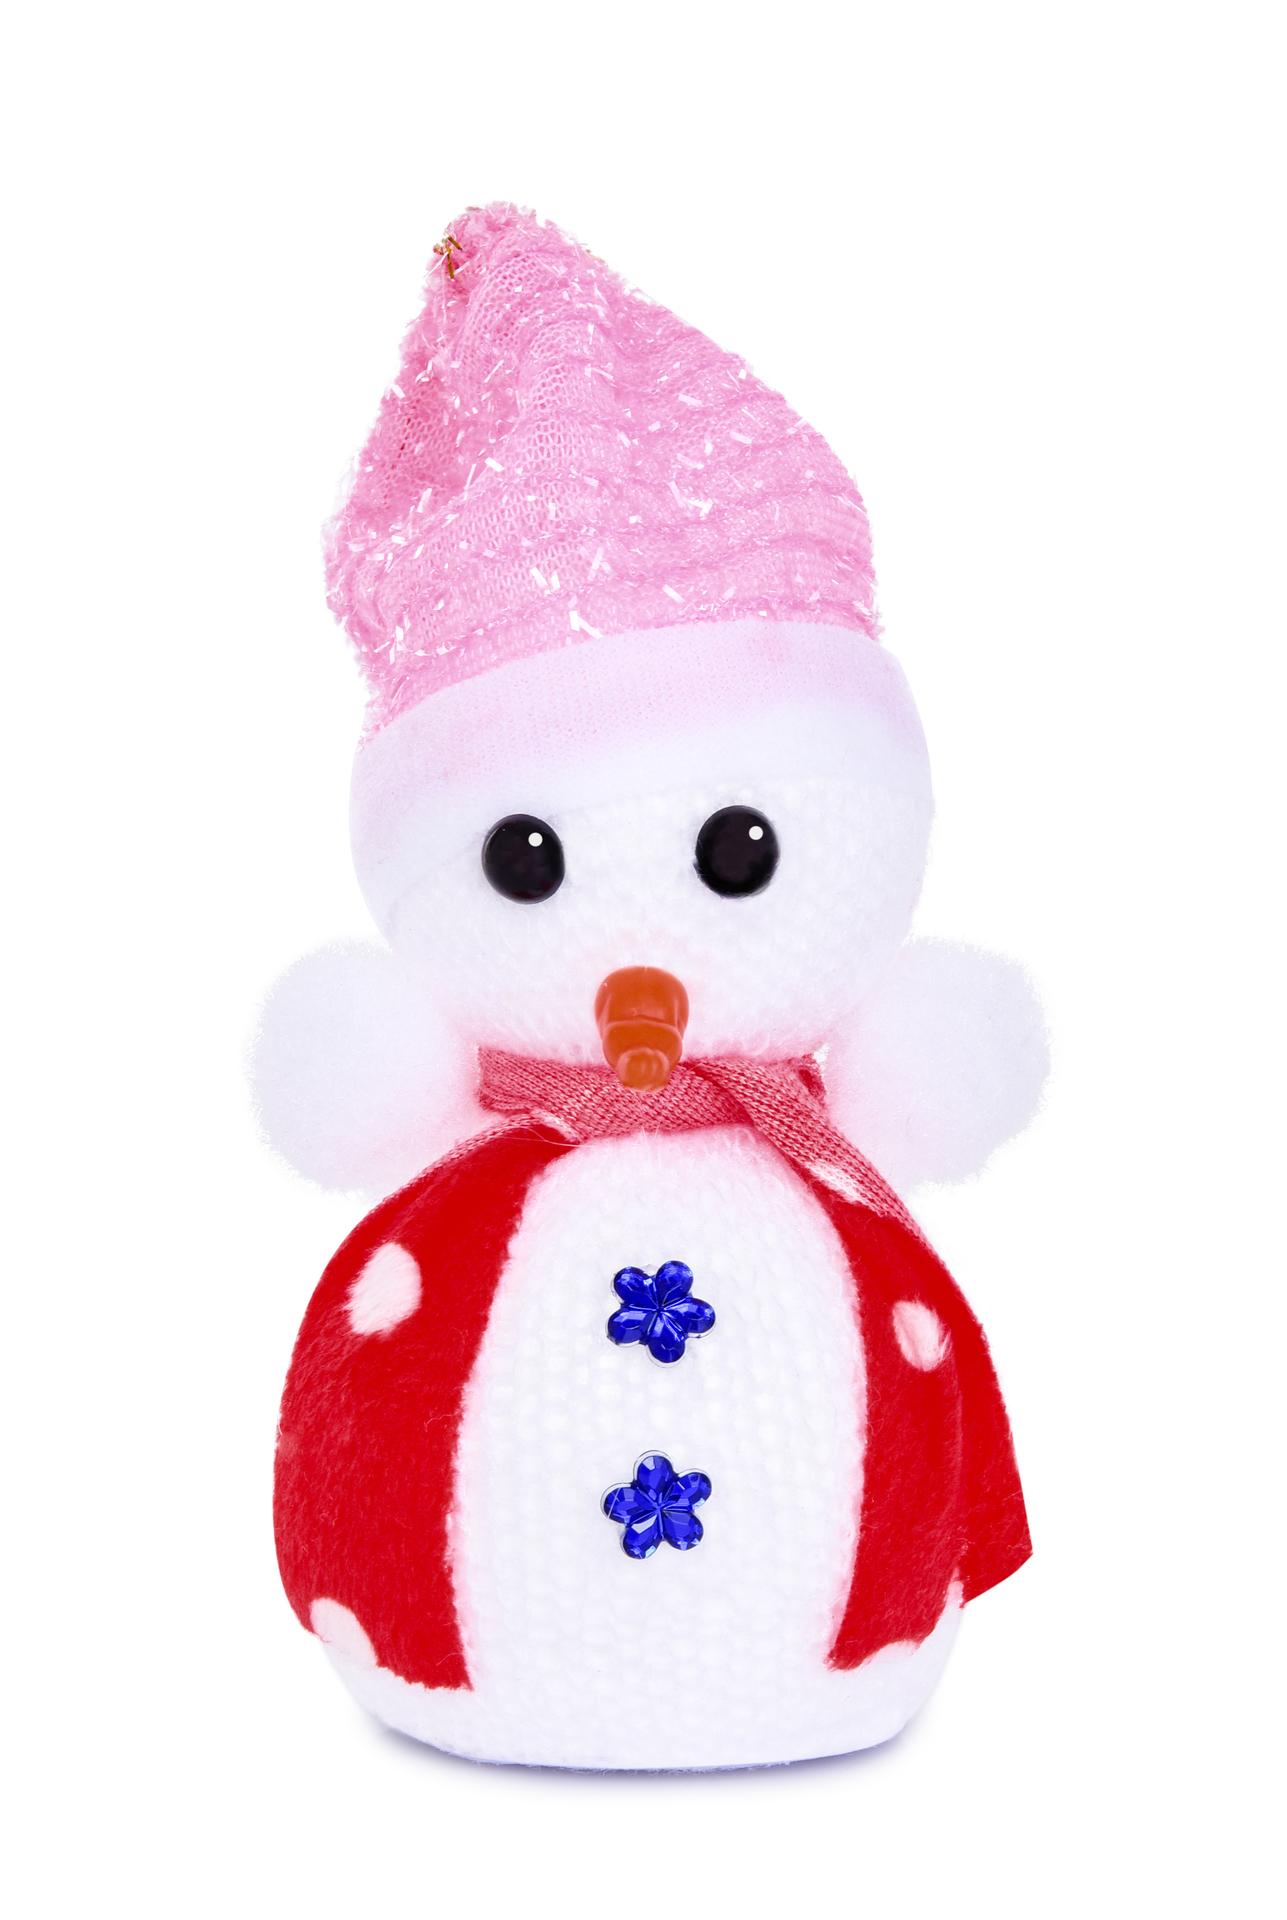 Závěsný pletený sněhulák s čepičkou a šálkou